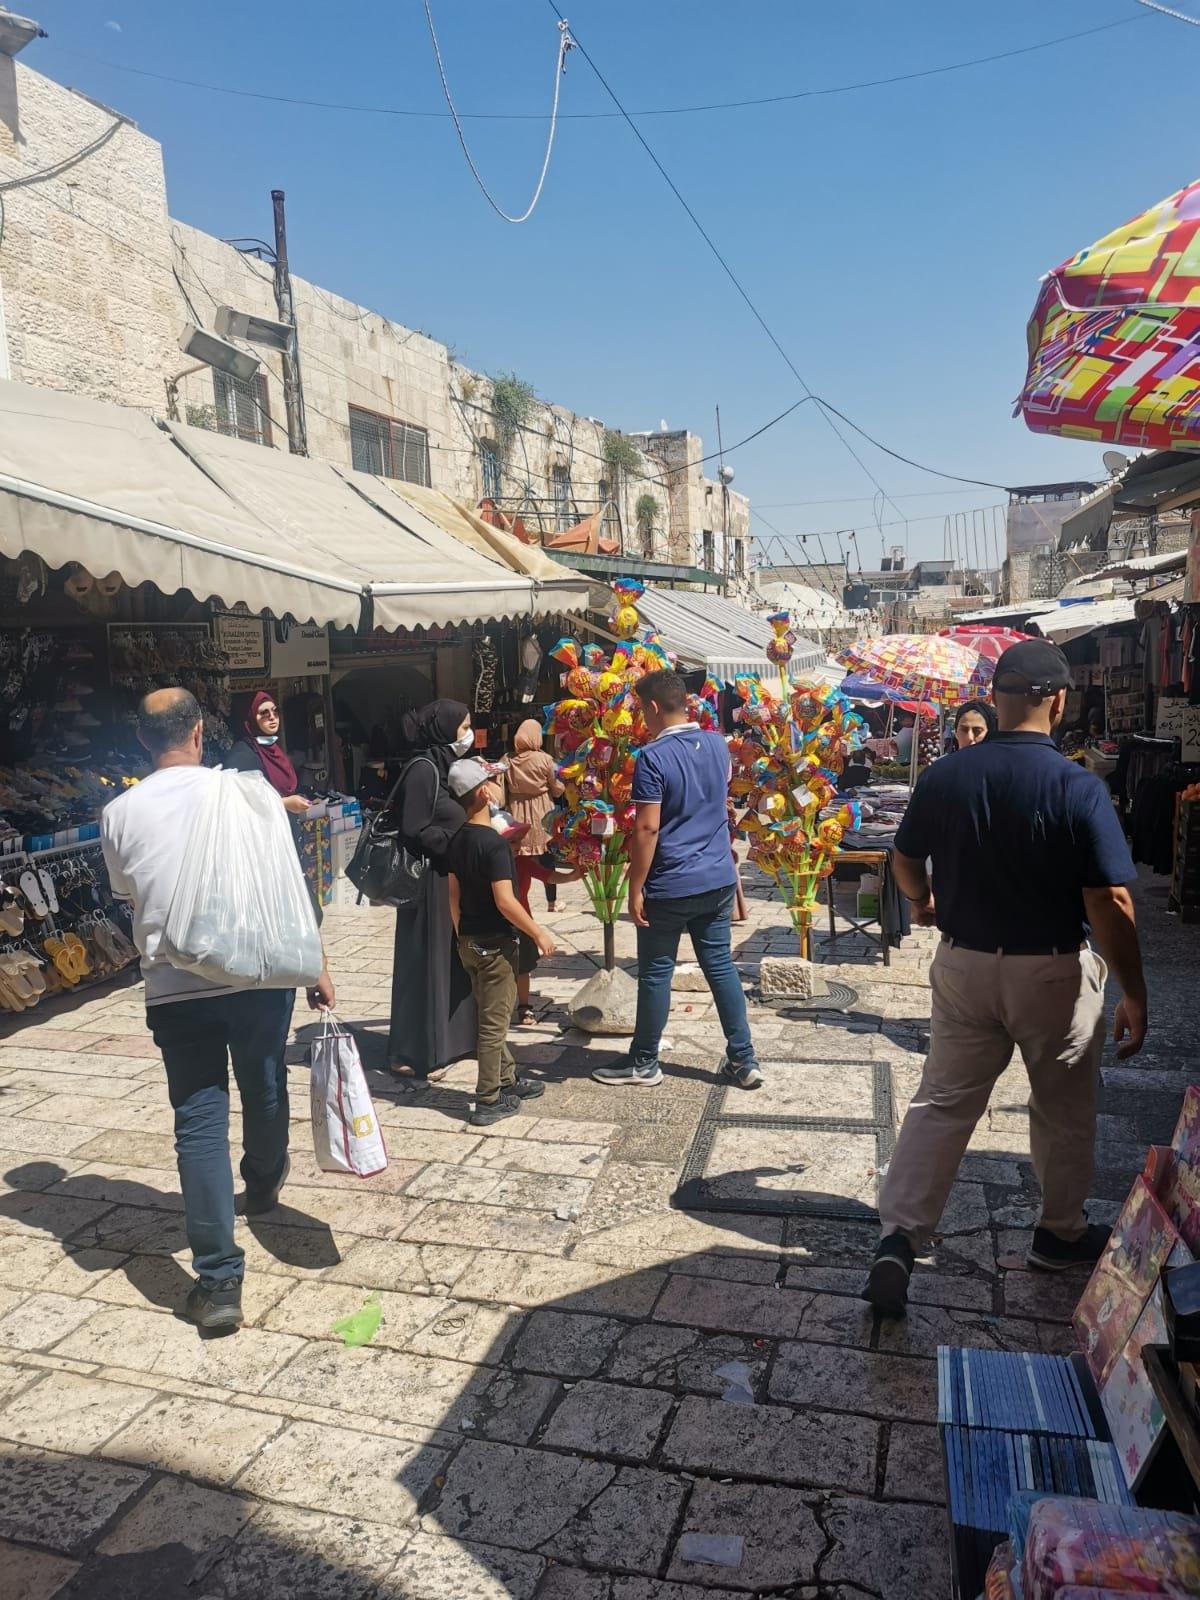 قبيل عيد الأضحى .. الأوضاع الاقتصادية والسياسية تلقي بظلالها على أسواق القدس-6